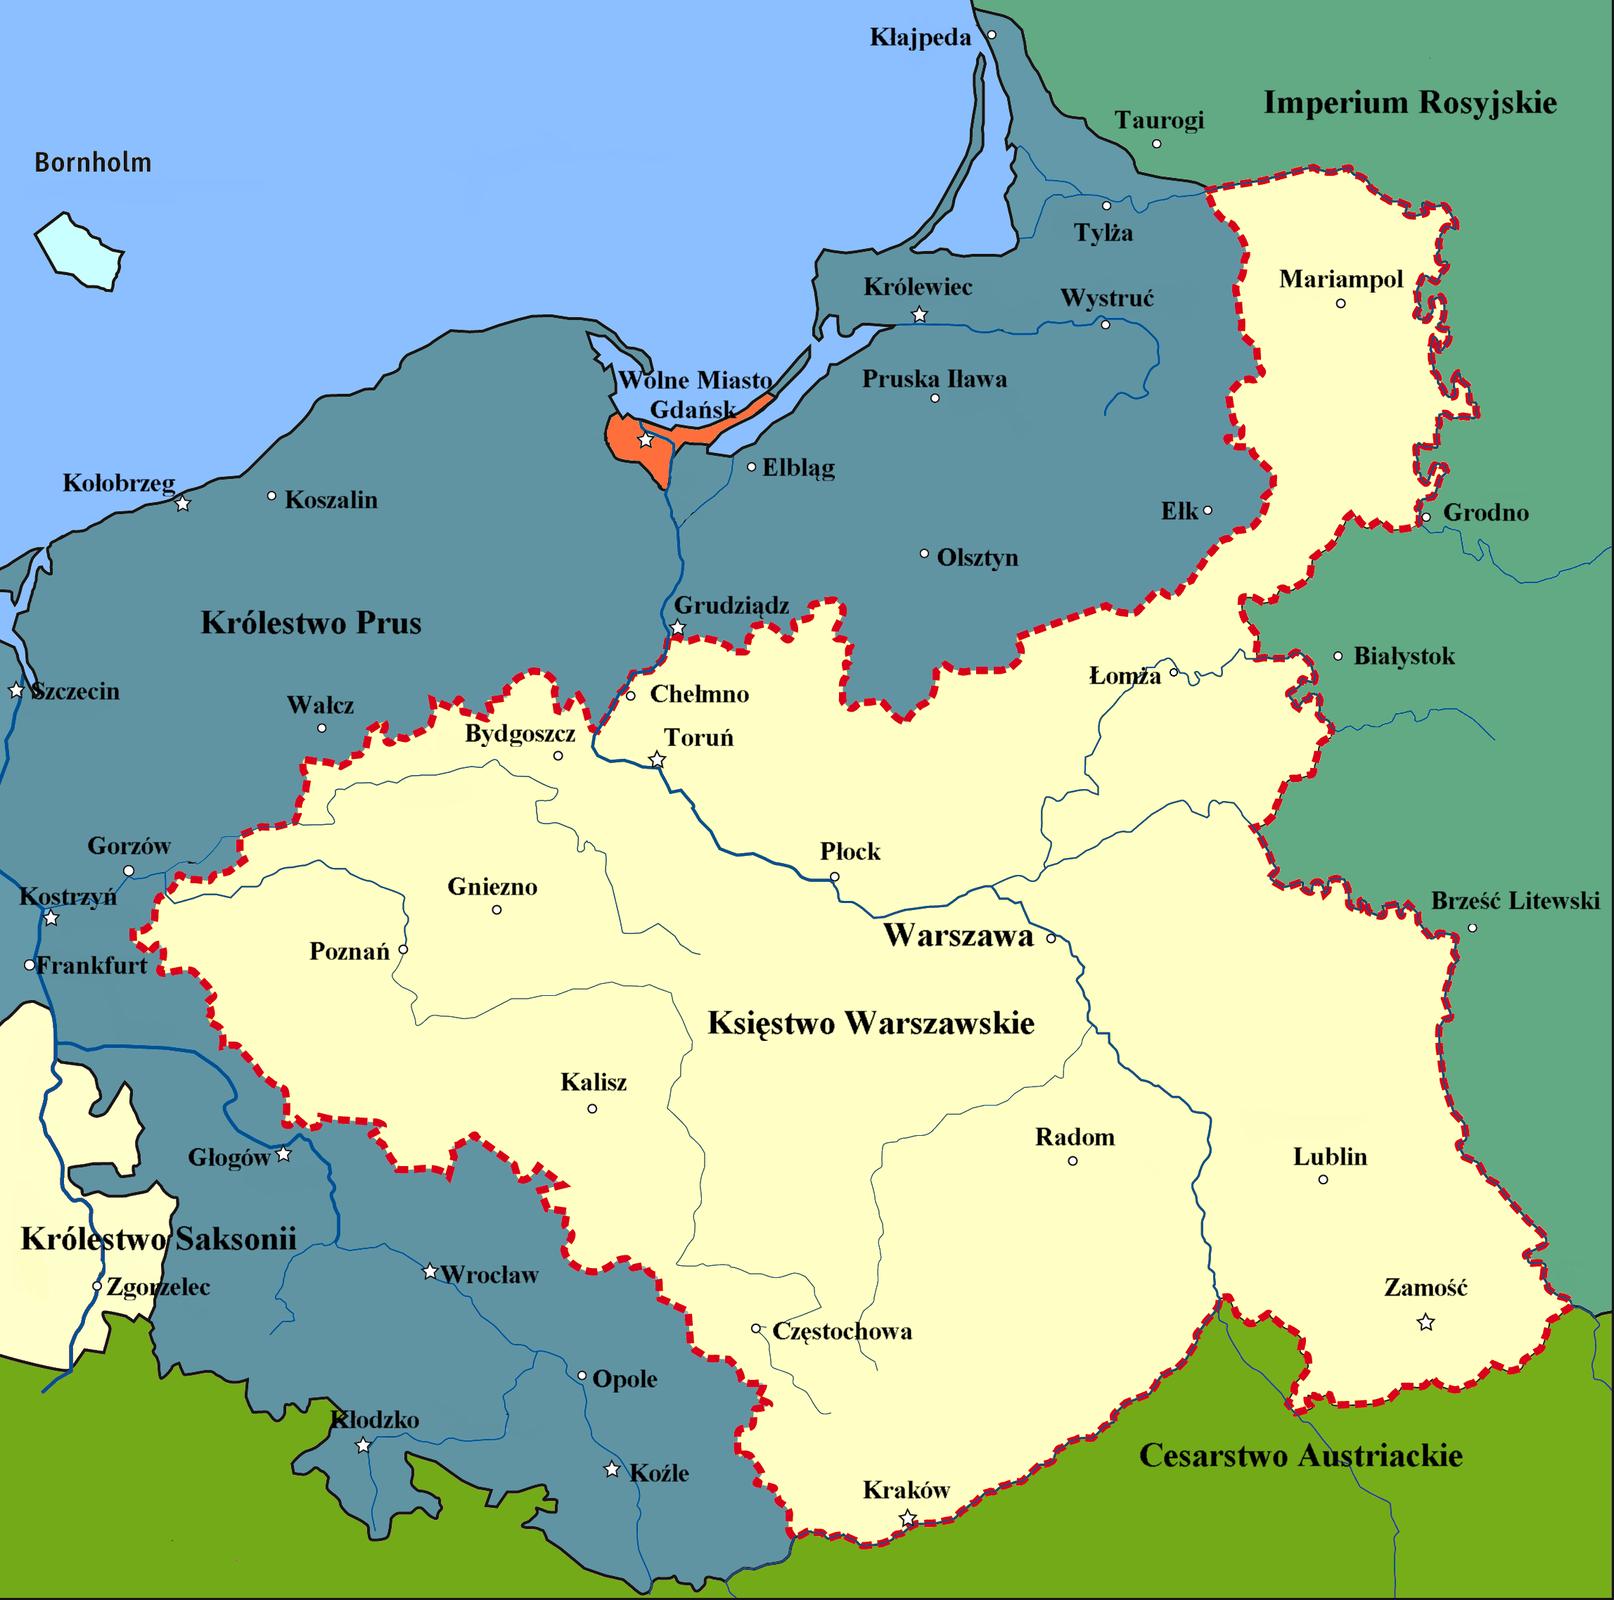 mapa -Księstwo Warszawskie 1809-1815